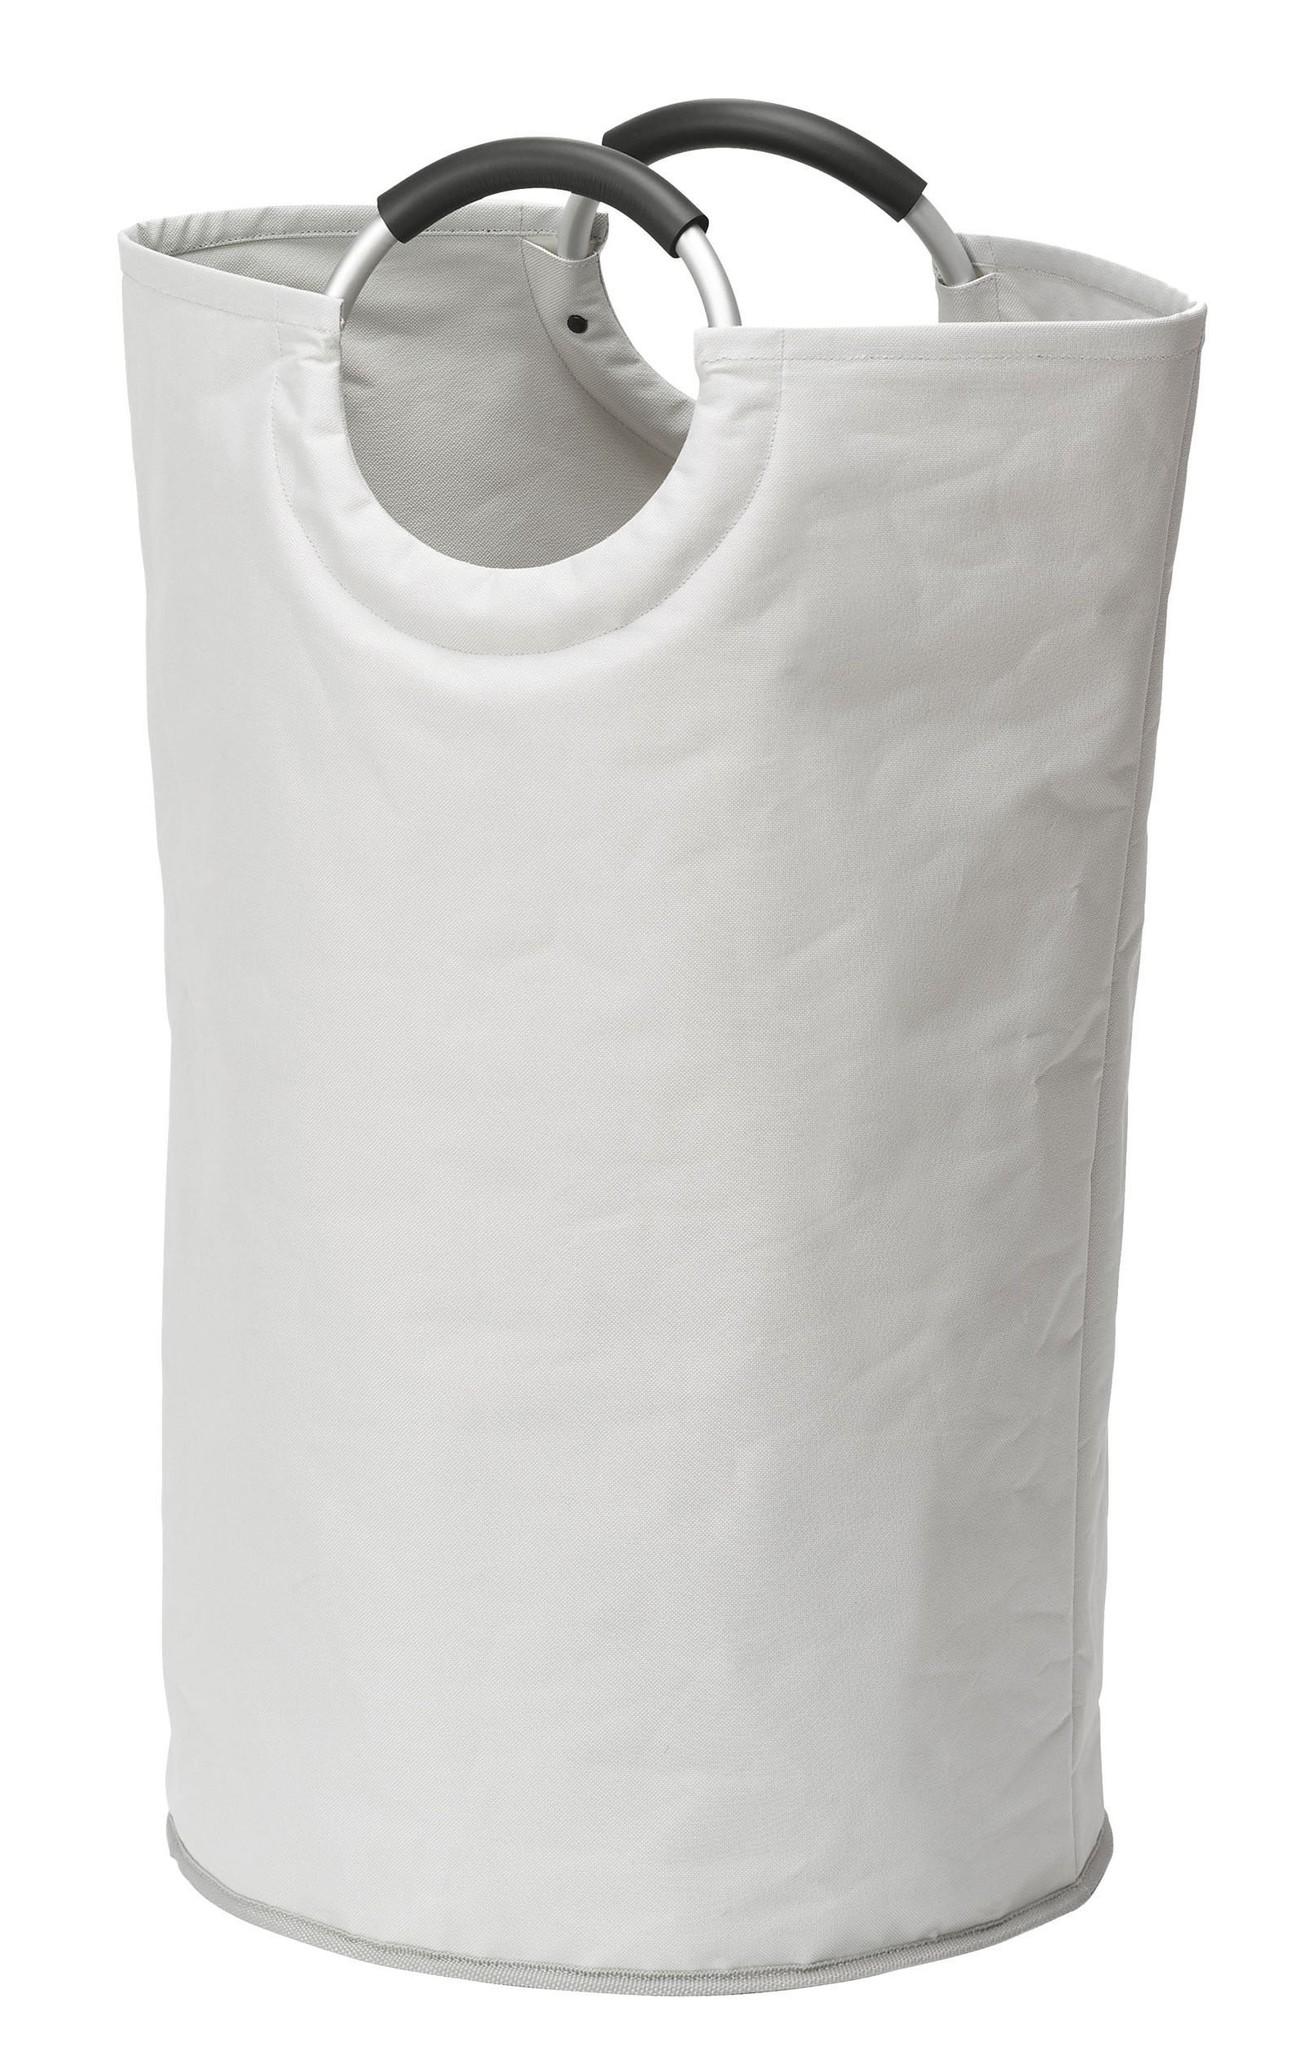 Wenko Wäschesammler Jumbo Stone, Multifunktionstasche, 69 l